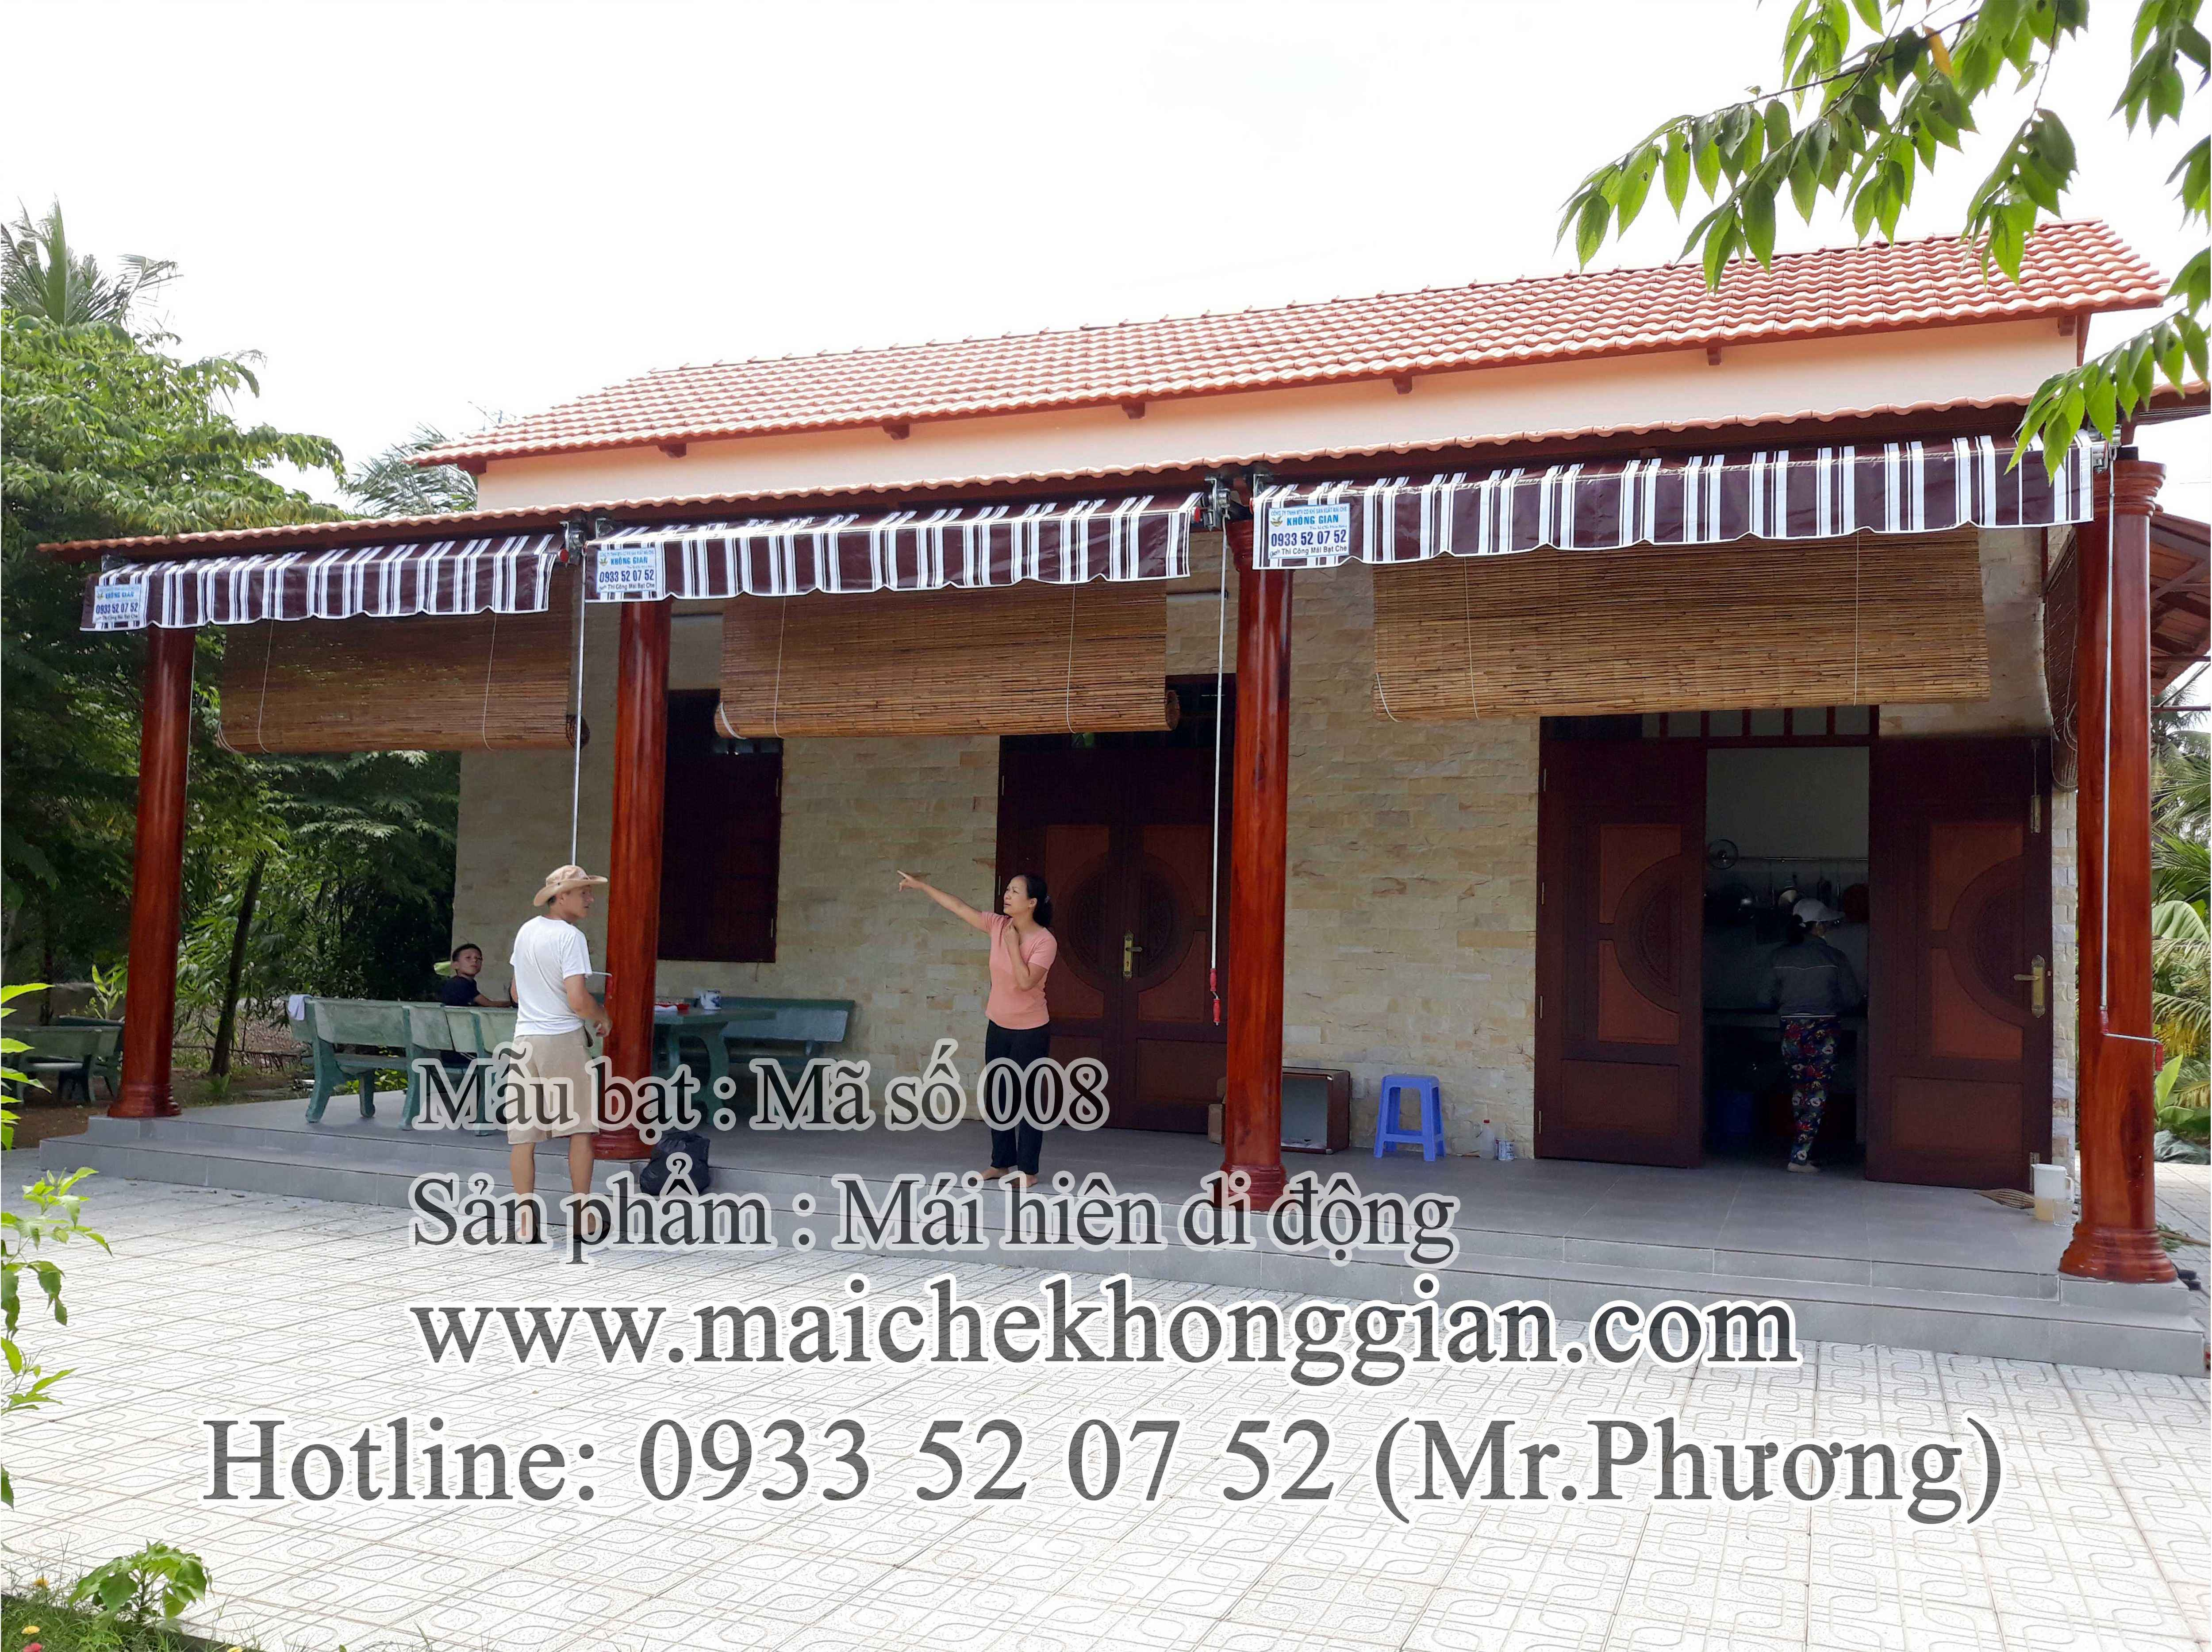 Mái Hiên Di Động Chợ Gạo Tiền Giang